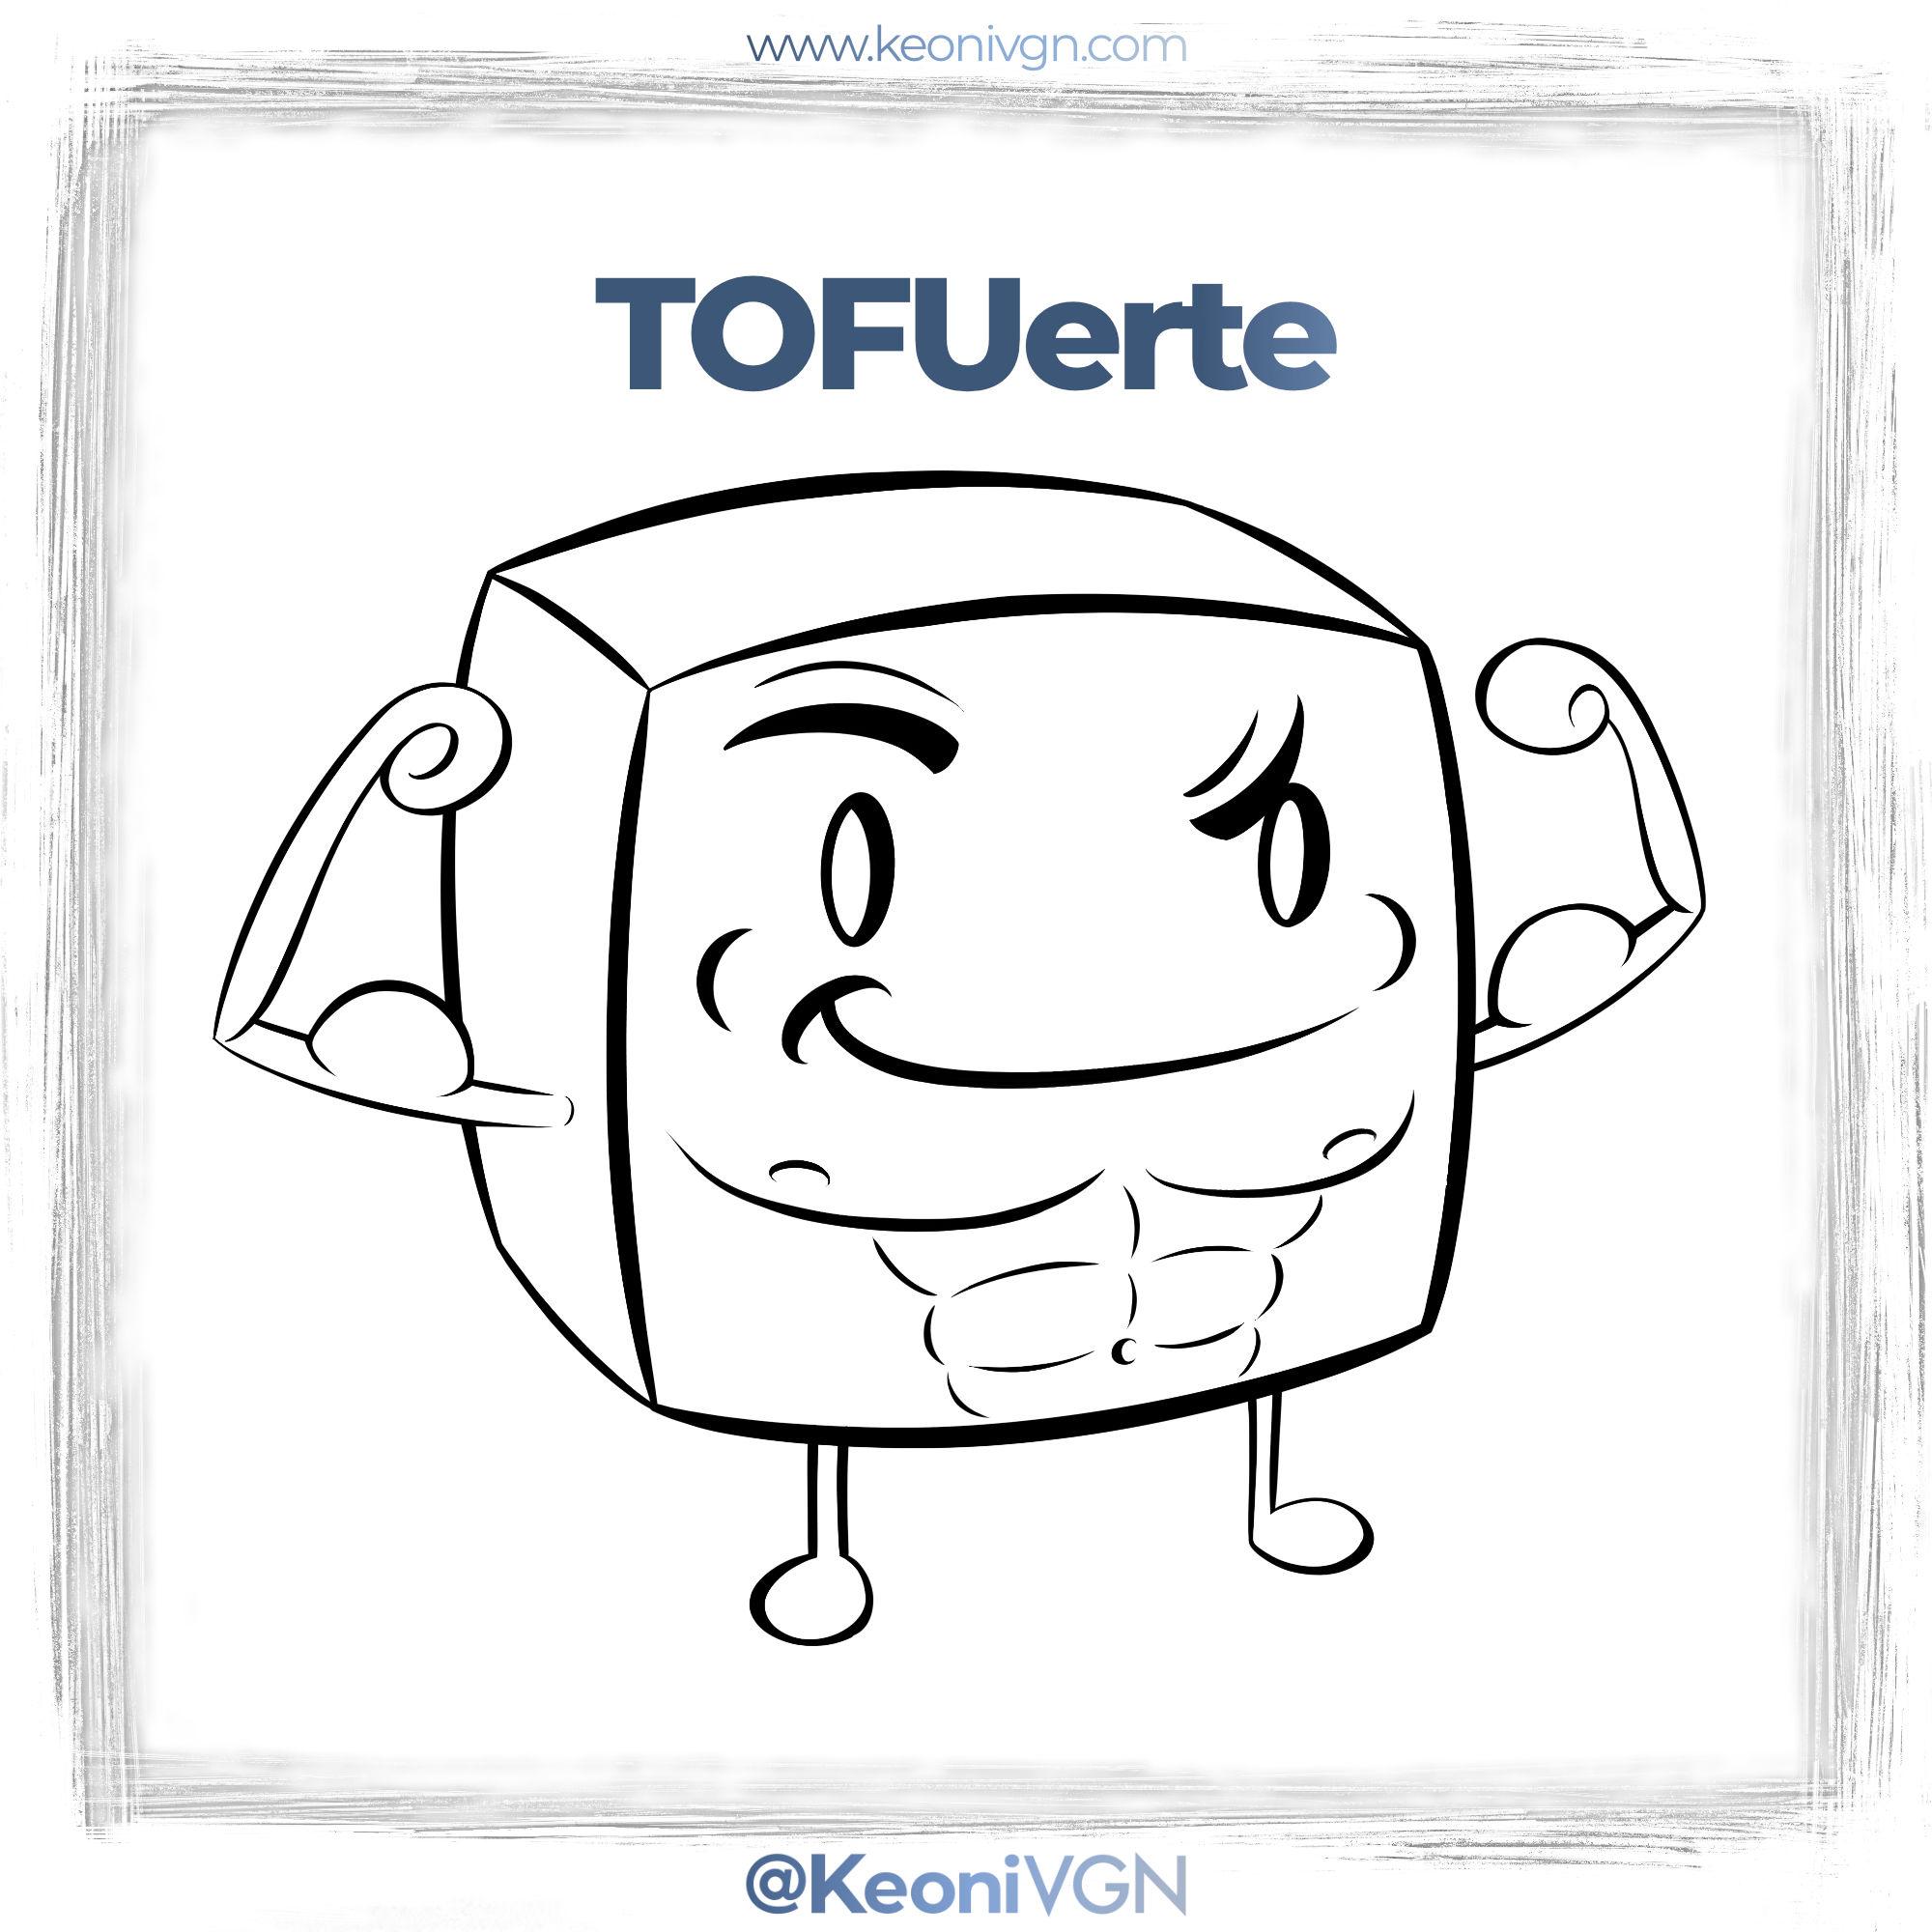 proyecto ToFuerte